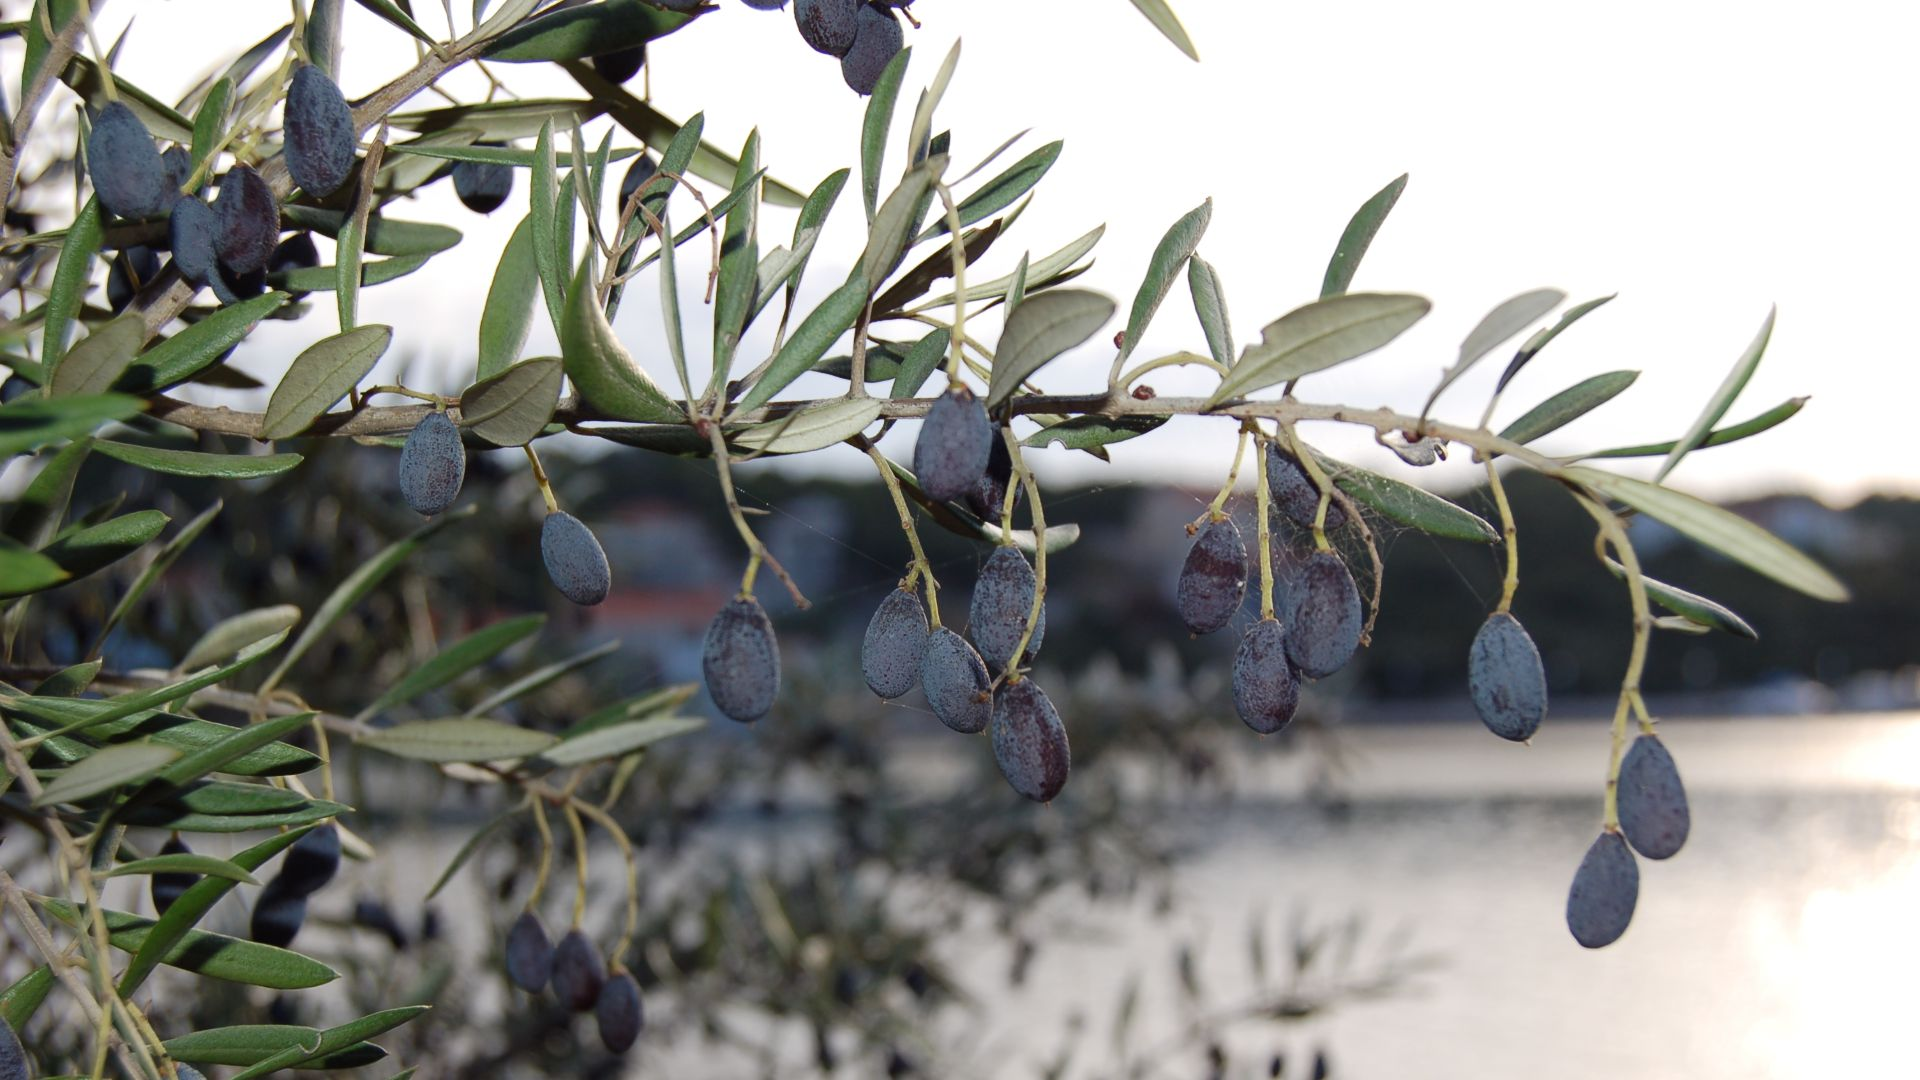 olives-dugi-otok-croatia (1)